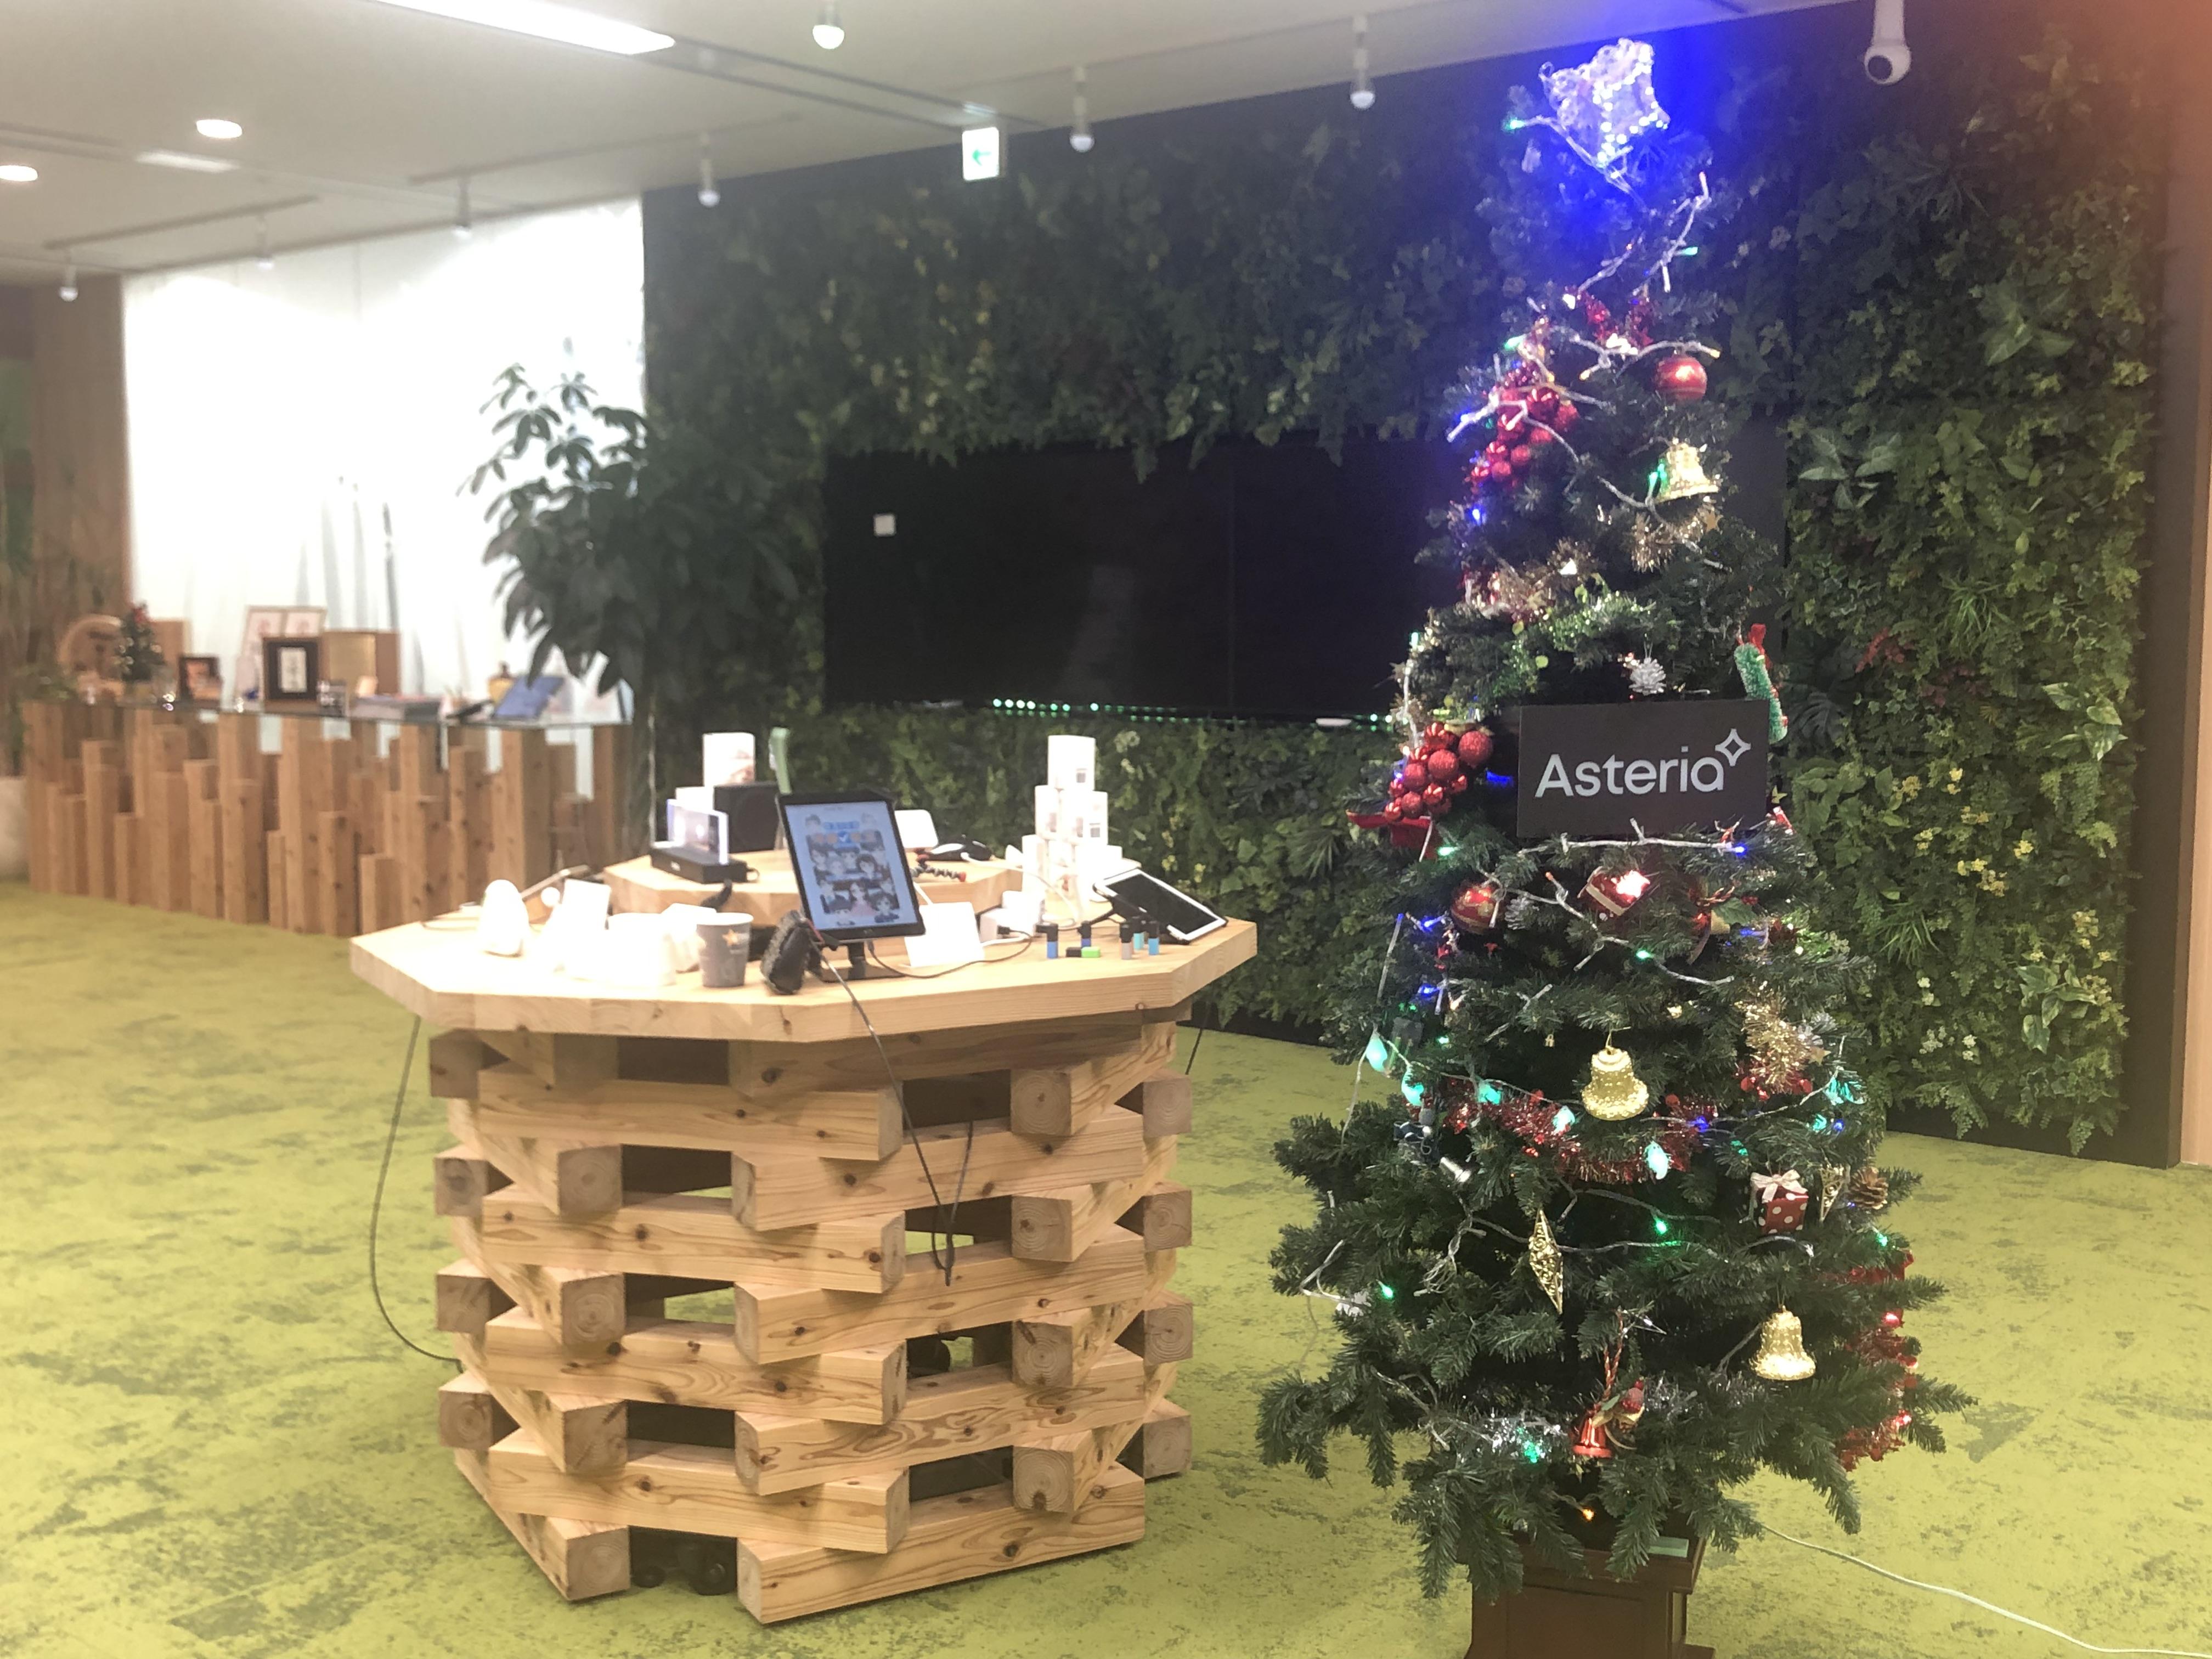 """<簡単IoT>本気の""""Lチカ""""をクリスマスにあわせて作ってみた 〜はんだごて不要!プログラミング不要!100Vで動作する市販のクリスマス用LEDイルミネーション制御を10分で〜"""